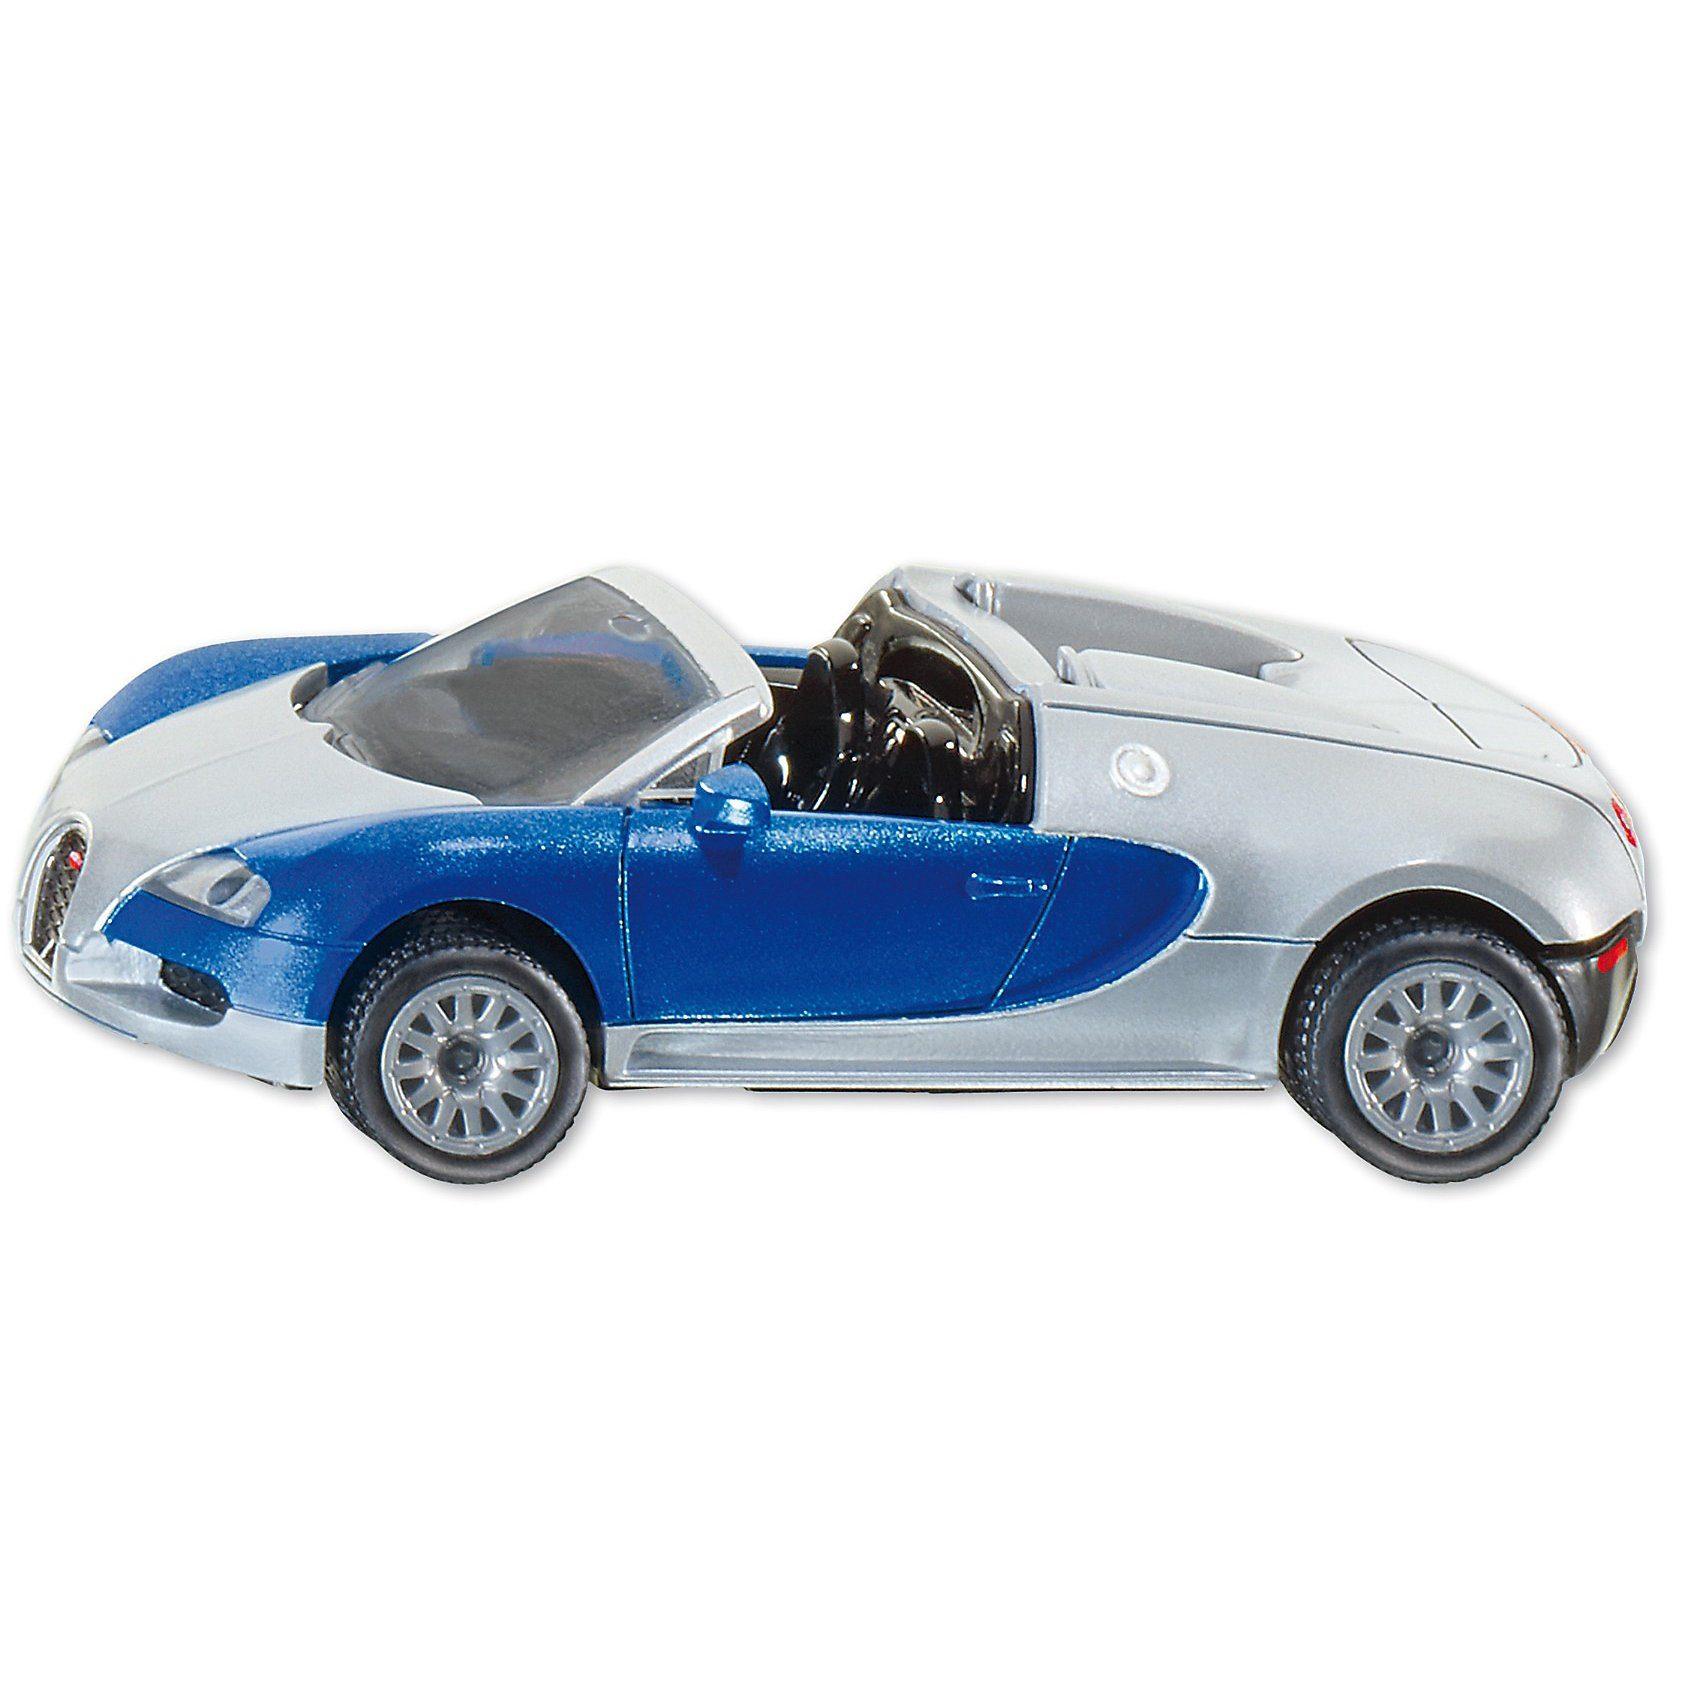 SIKU 1353 Bugatti Veyron Grand Sport 1:55